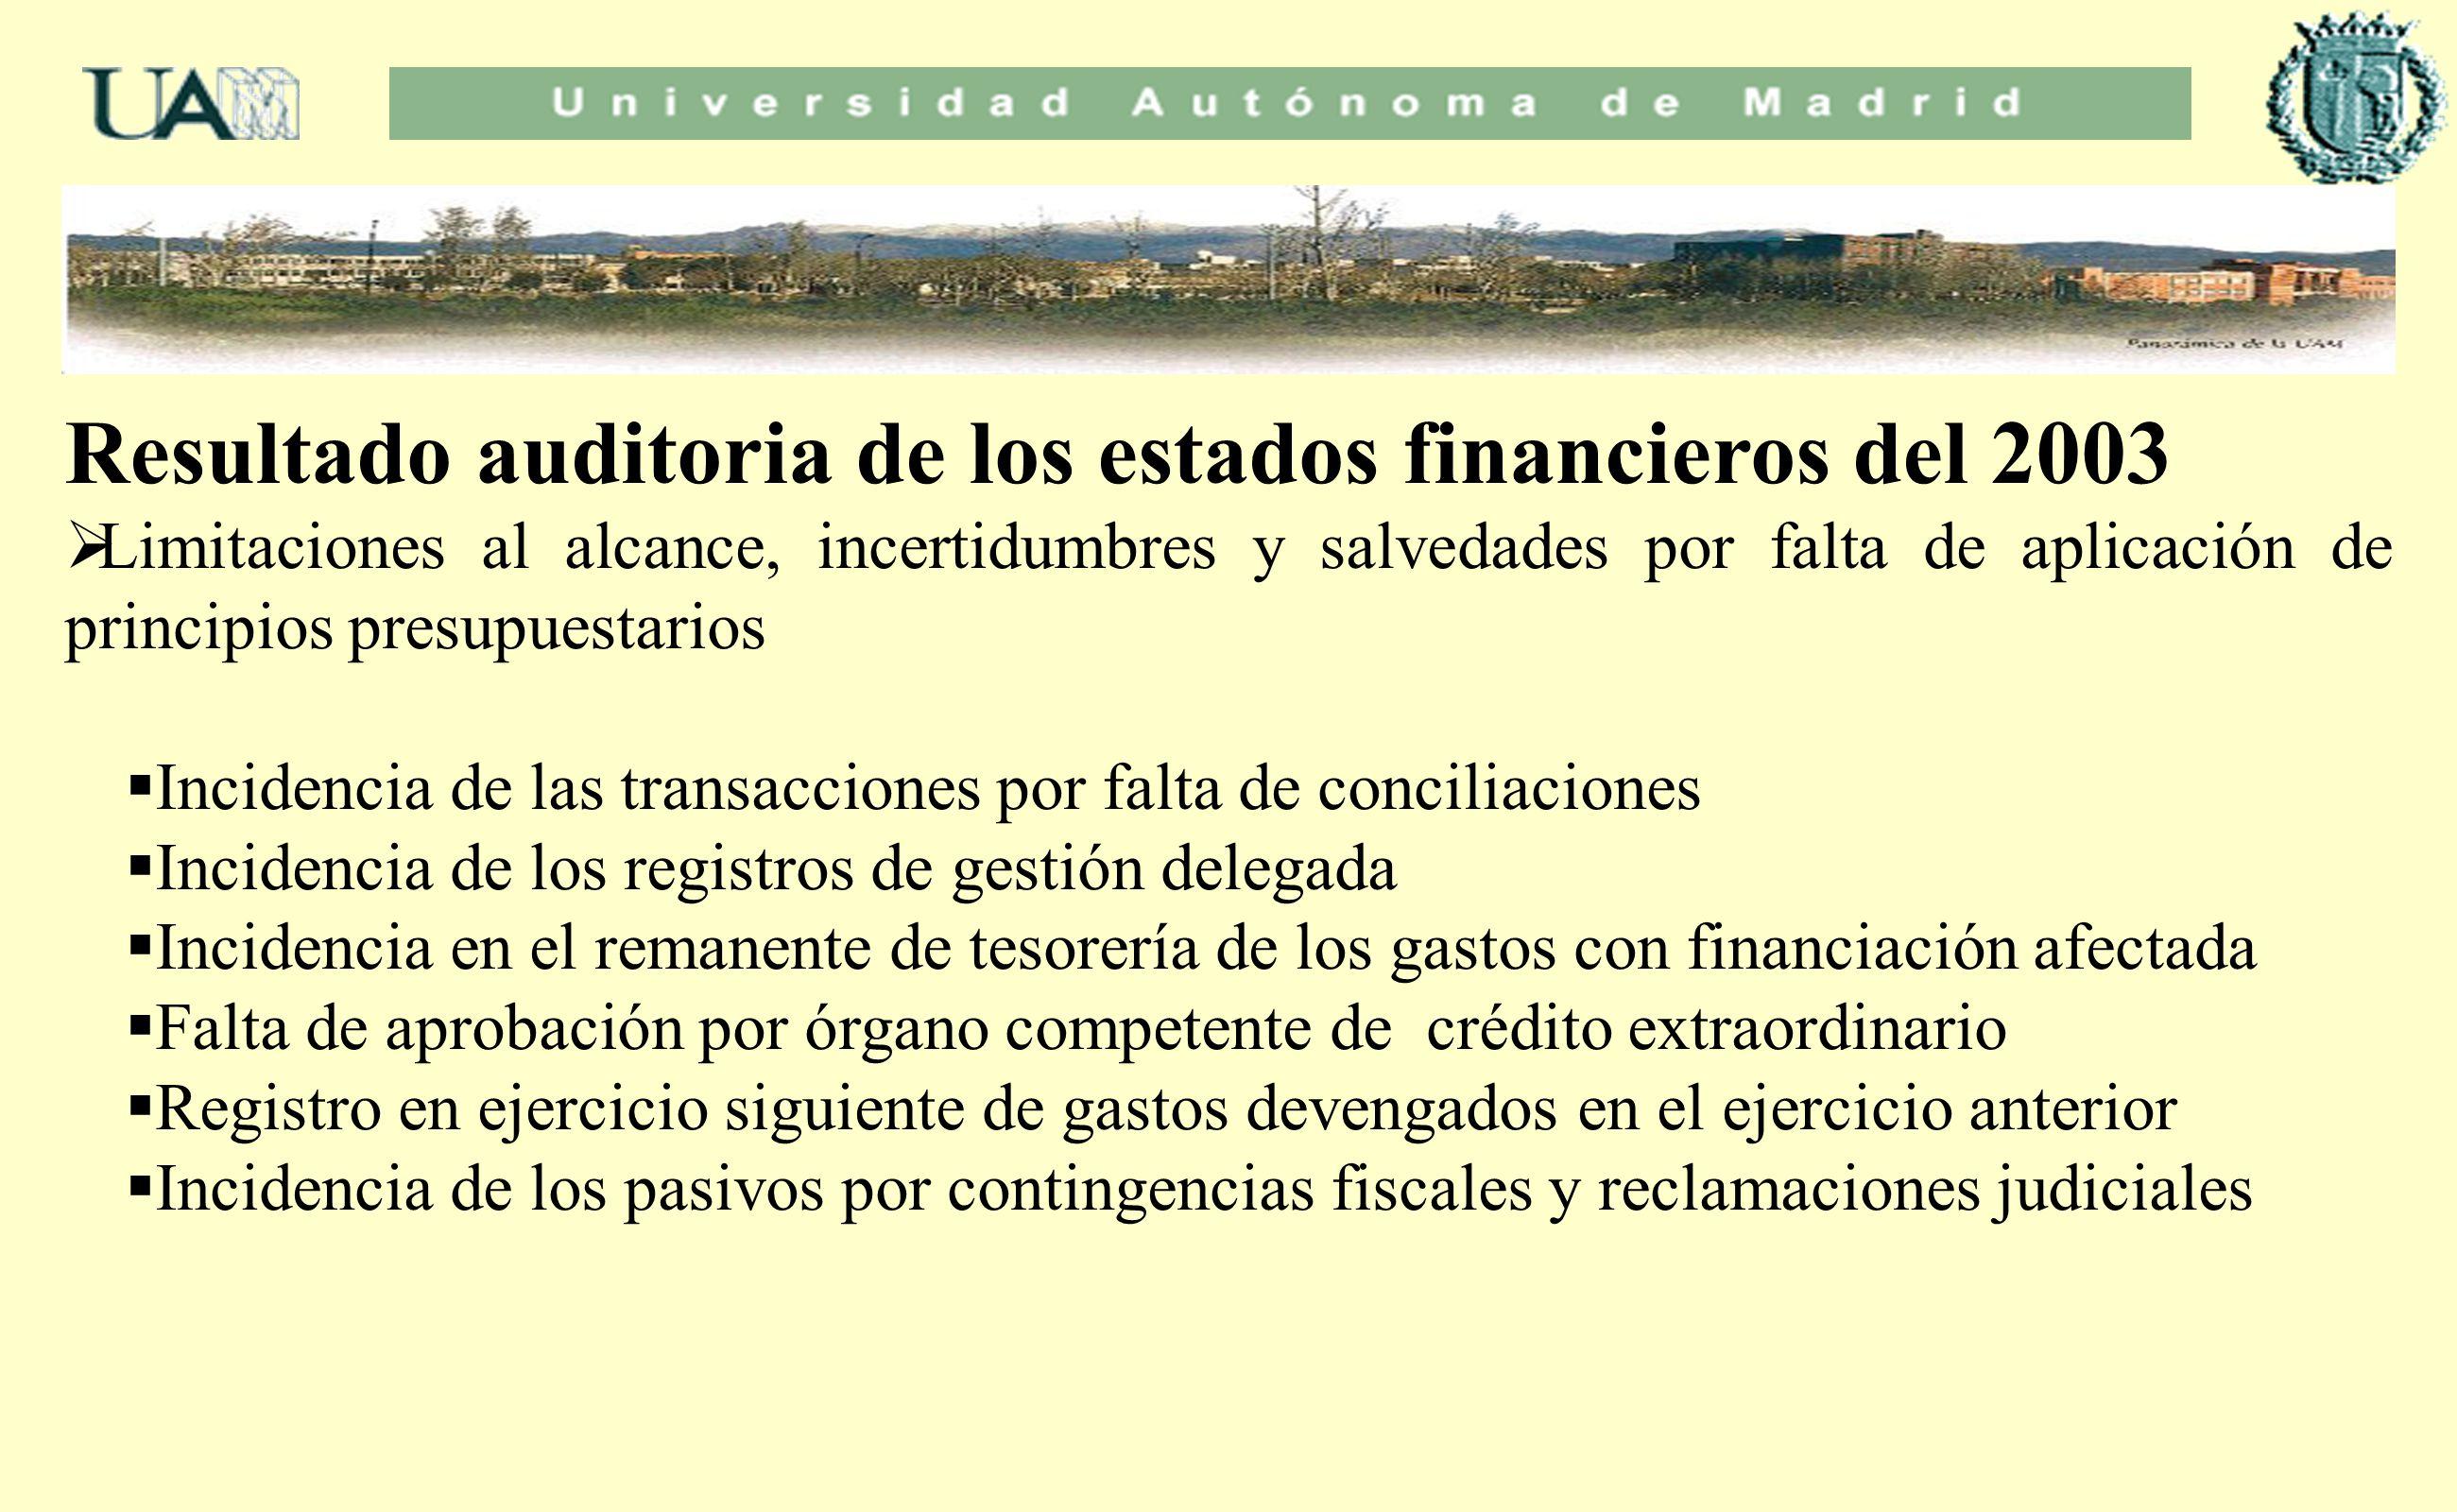 Resultado auditoria de los estados financieros del 2003 Limitaciones al alcance, incertidumbres y salvedades por falta de aplicación de principios pre